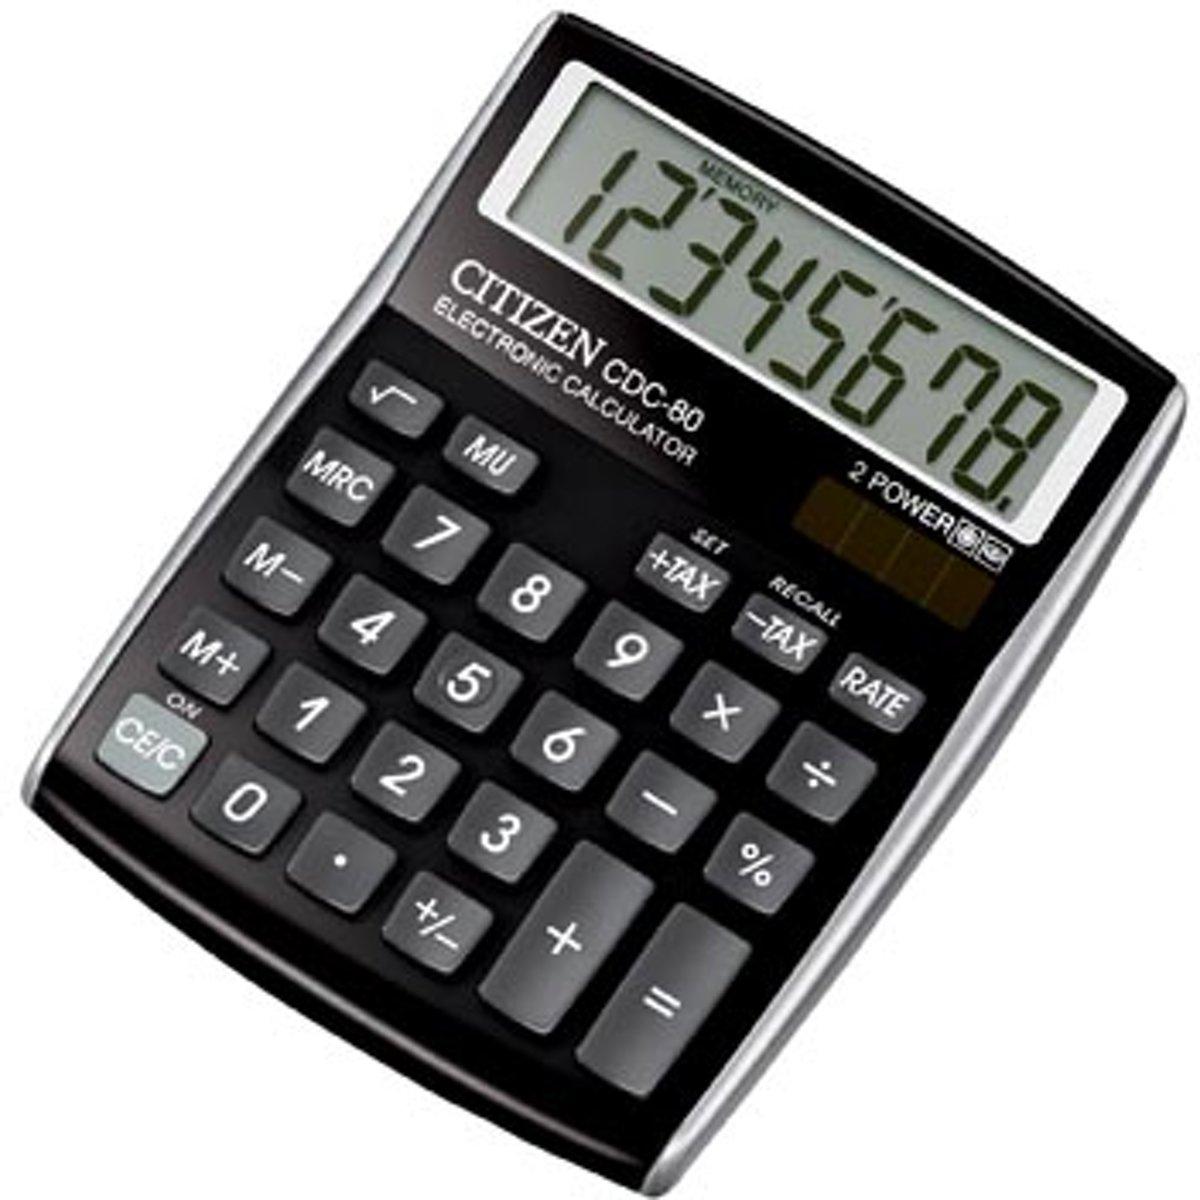 Bureaurekenmachine Twen J 1010 Zwart Aantal displayposities: 10 werkt op zonne-energie, werkt op batterijen